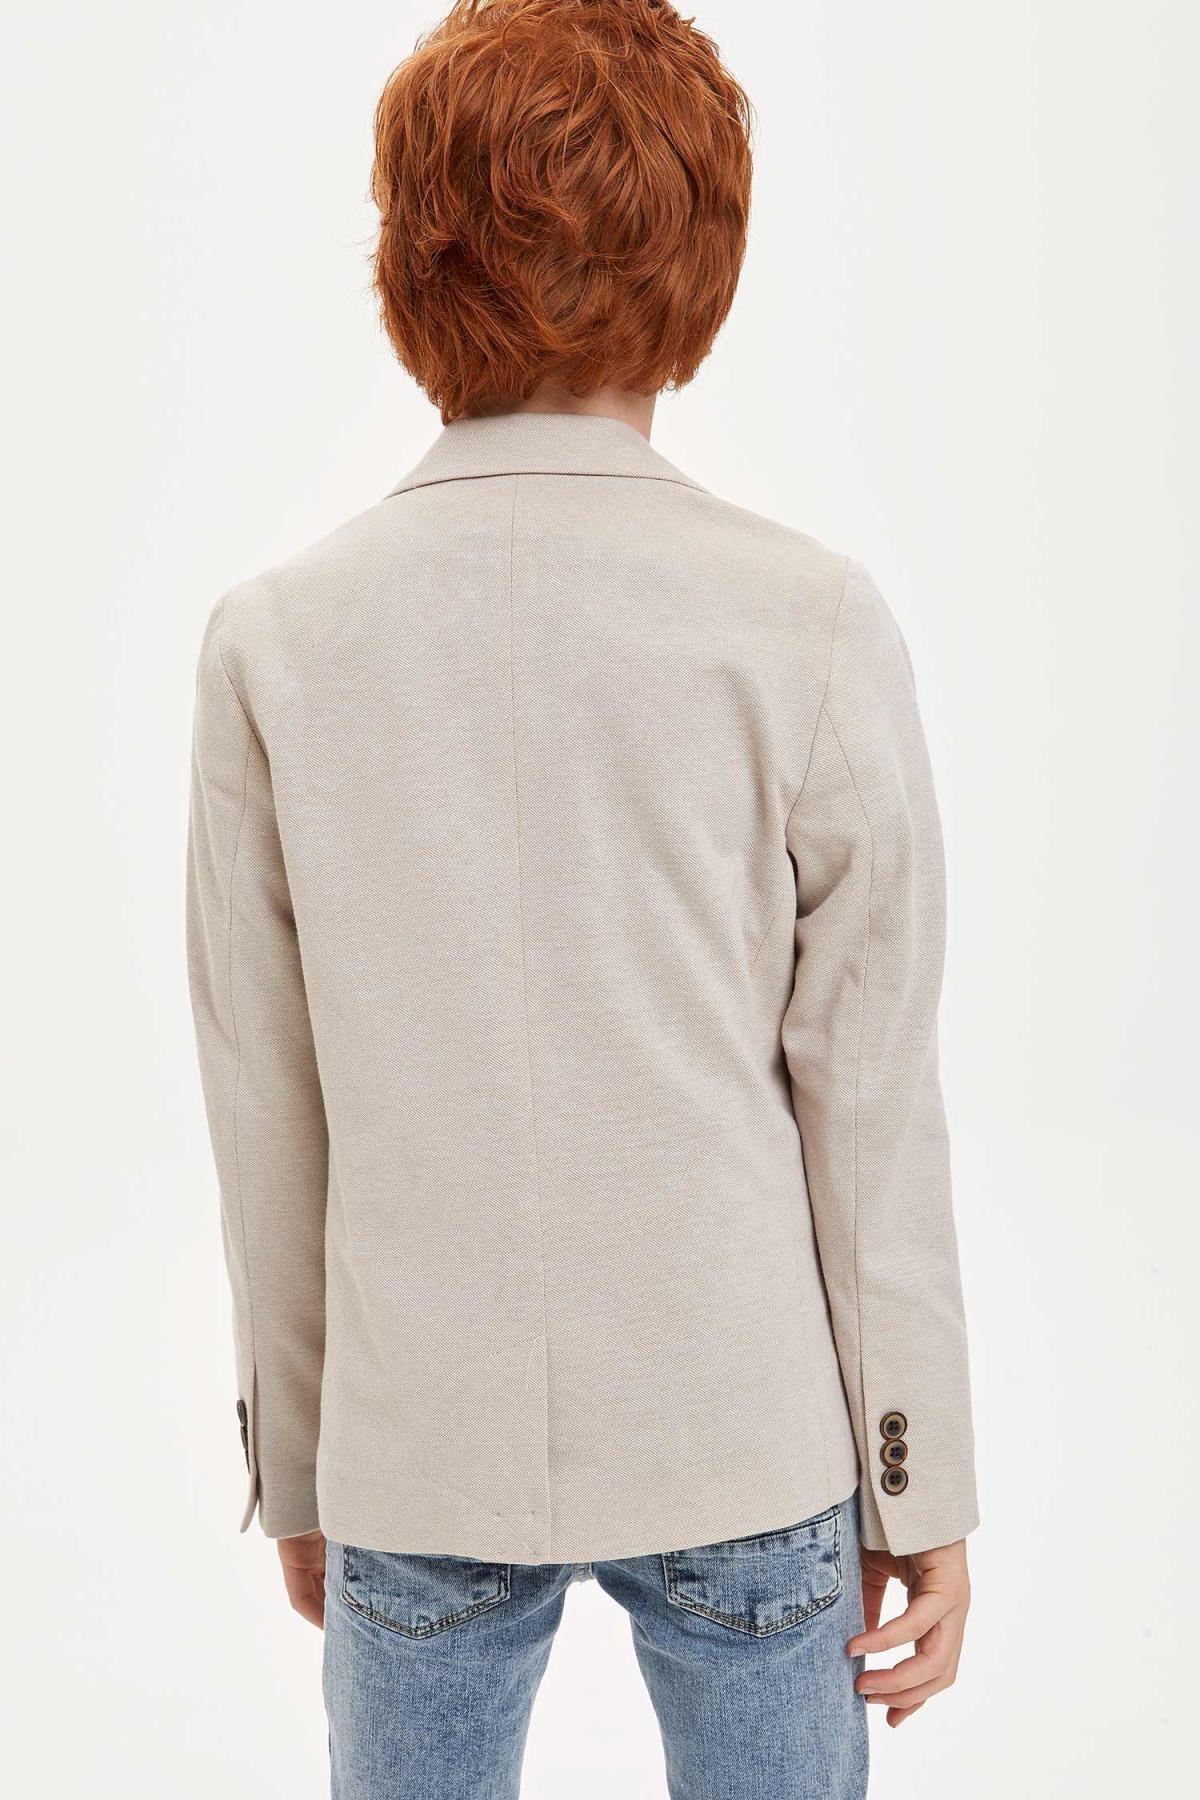 Defacto Erkek Çocuk Blazer Ceket 1